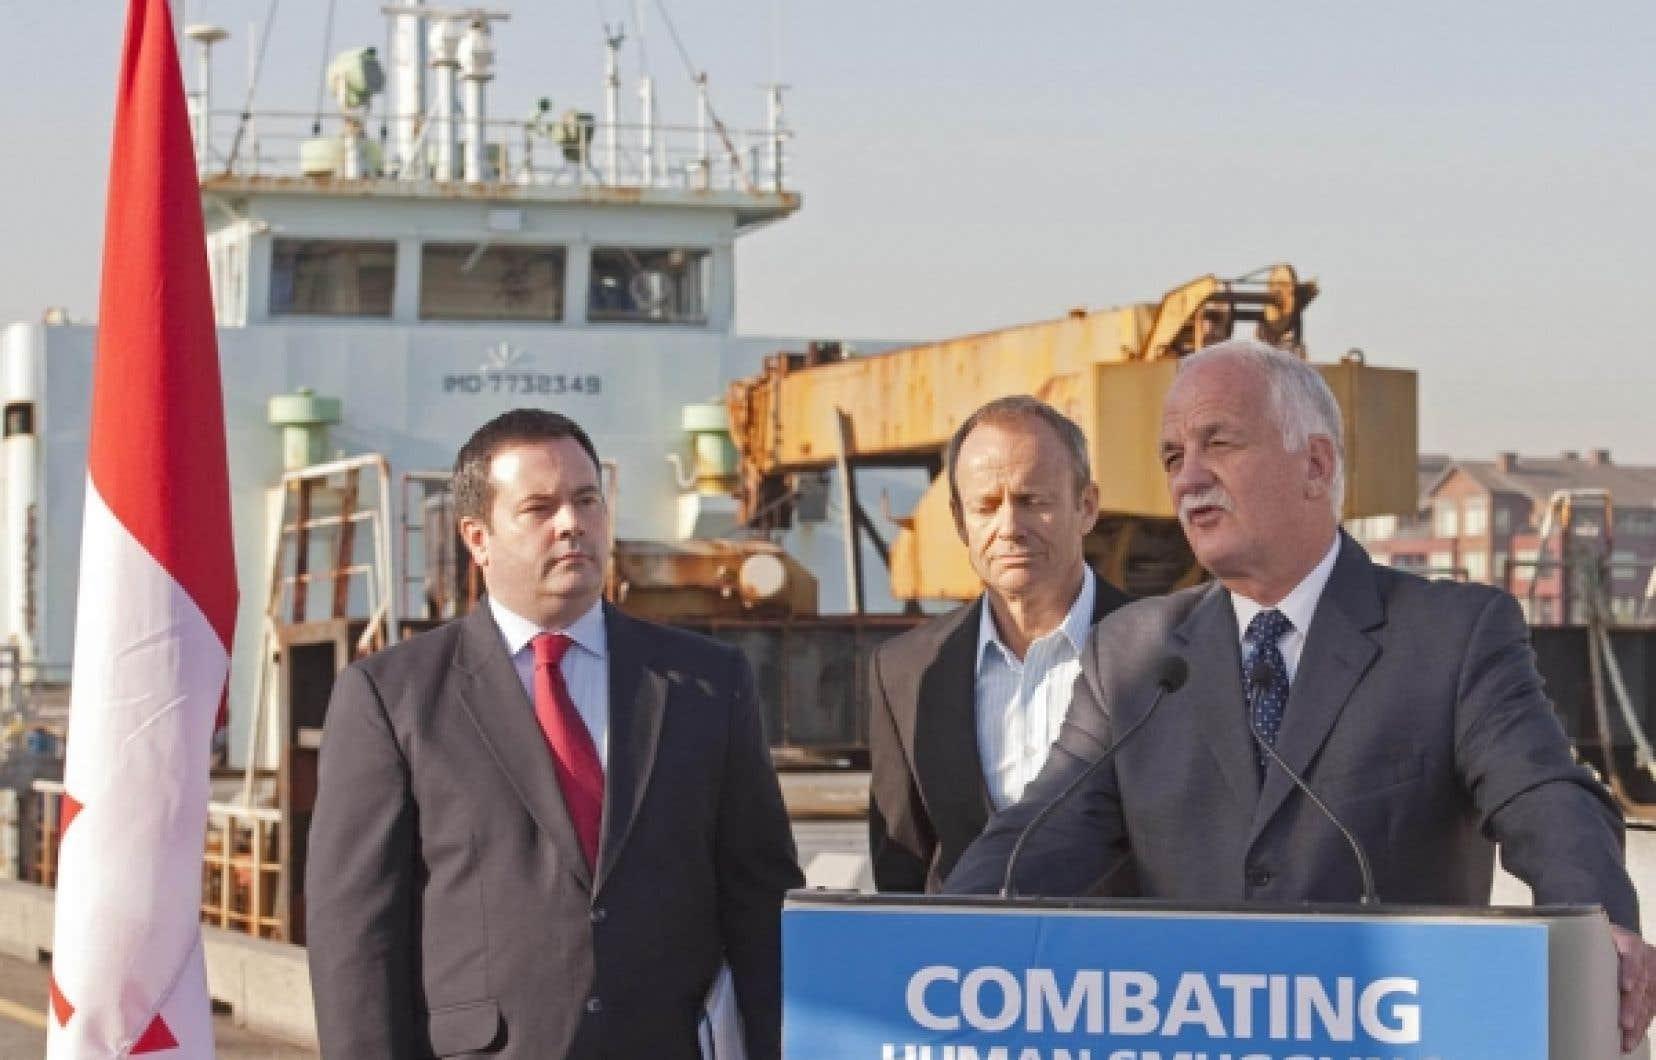 Les ministres Vic Toews (à droite), Jason Kenney (à gauche) et Stockwell Day ont dévoilé hier en Colombie-Britannique les détails du nouveau projet de loi. Derrière, le bateau à bord duquel sont arrivés 76 demandeurs d'asile tamouls en octobre 2009.<br />